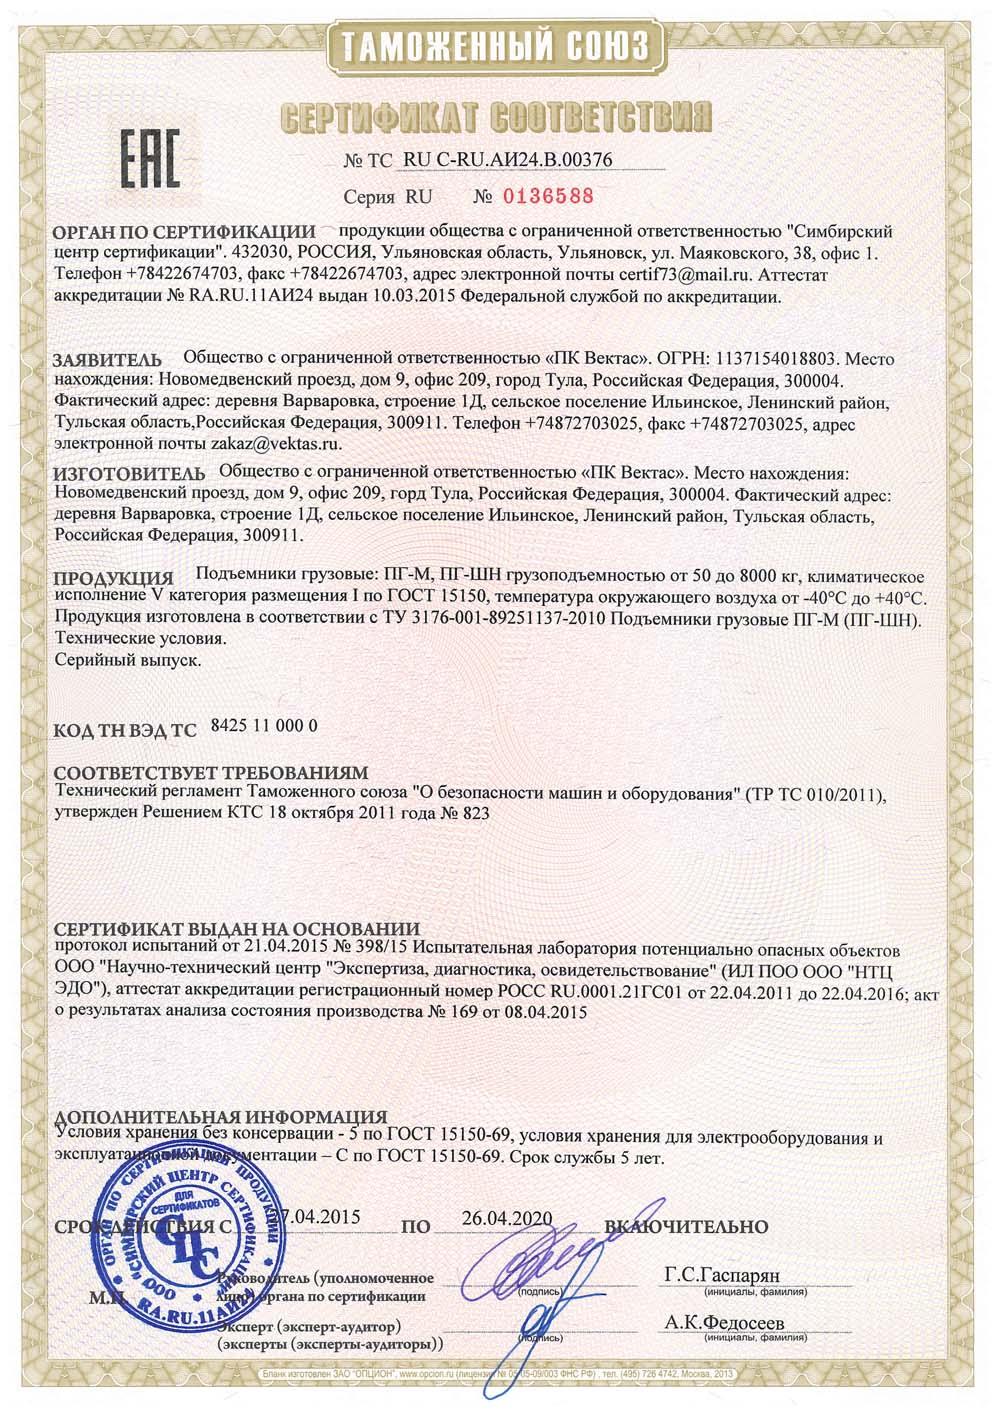 Сертификат ПК